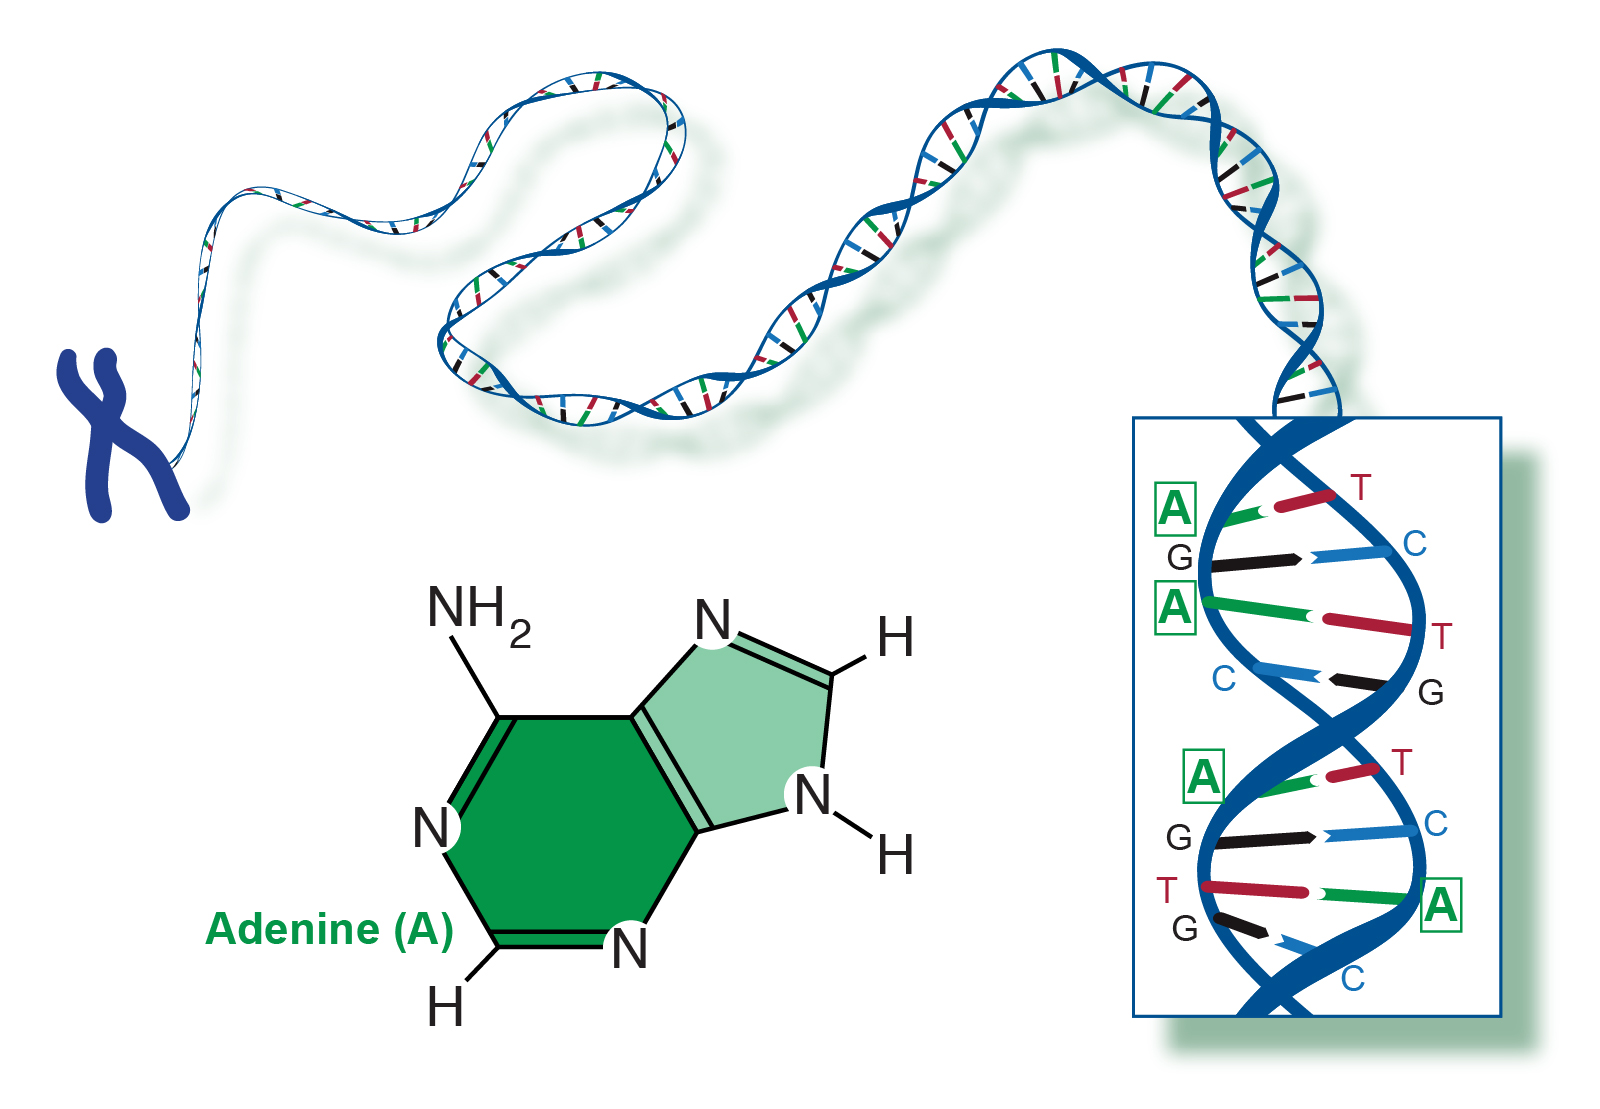 ما هو مركب الأدنين؟ - الأدنين واختلافه عن الغوانين - التفاعلات الحيوية الشائعة للأدنين - الوظائف الحيوية للأدنين - مركب عضوي ينتمي إلى عائلة البيورين